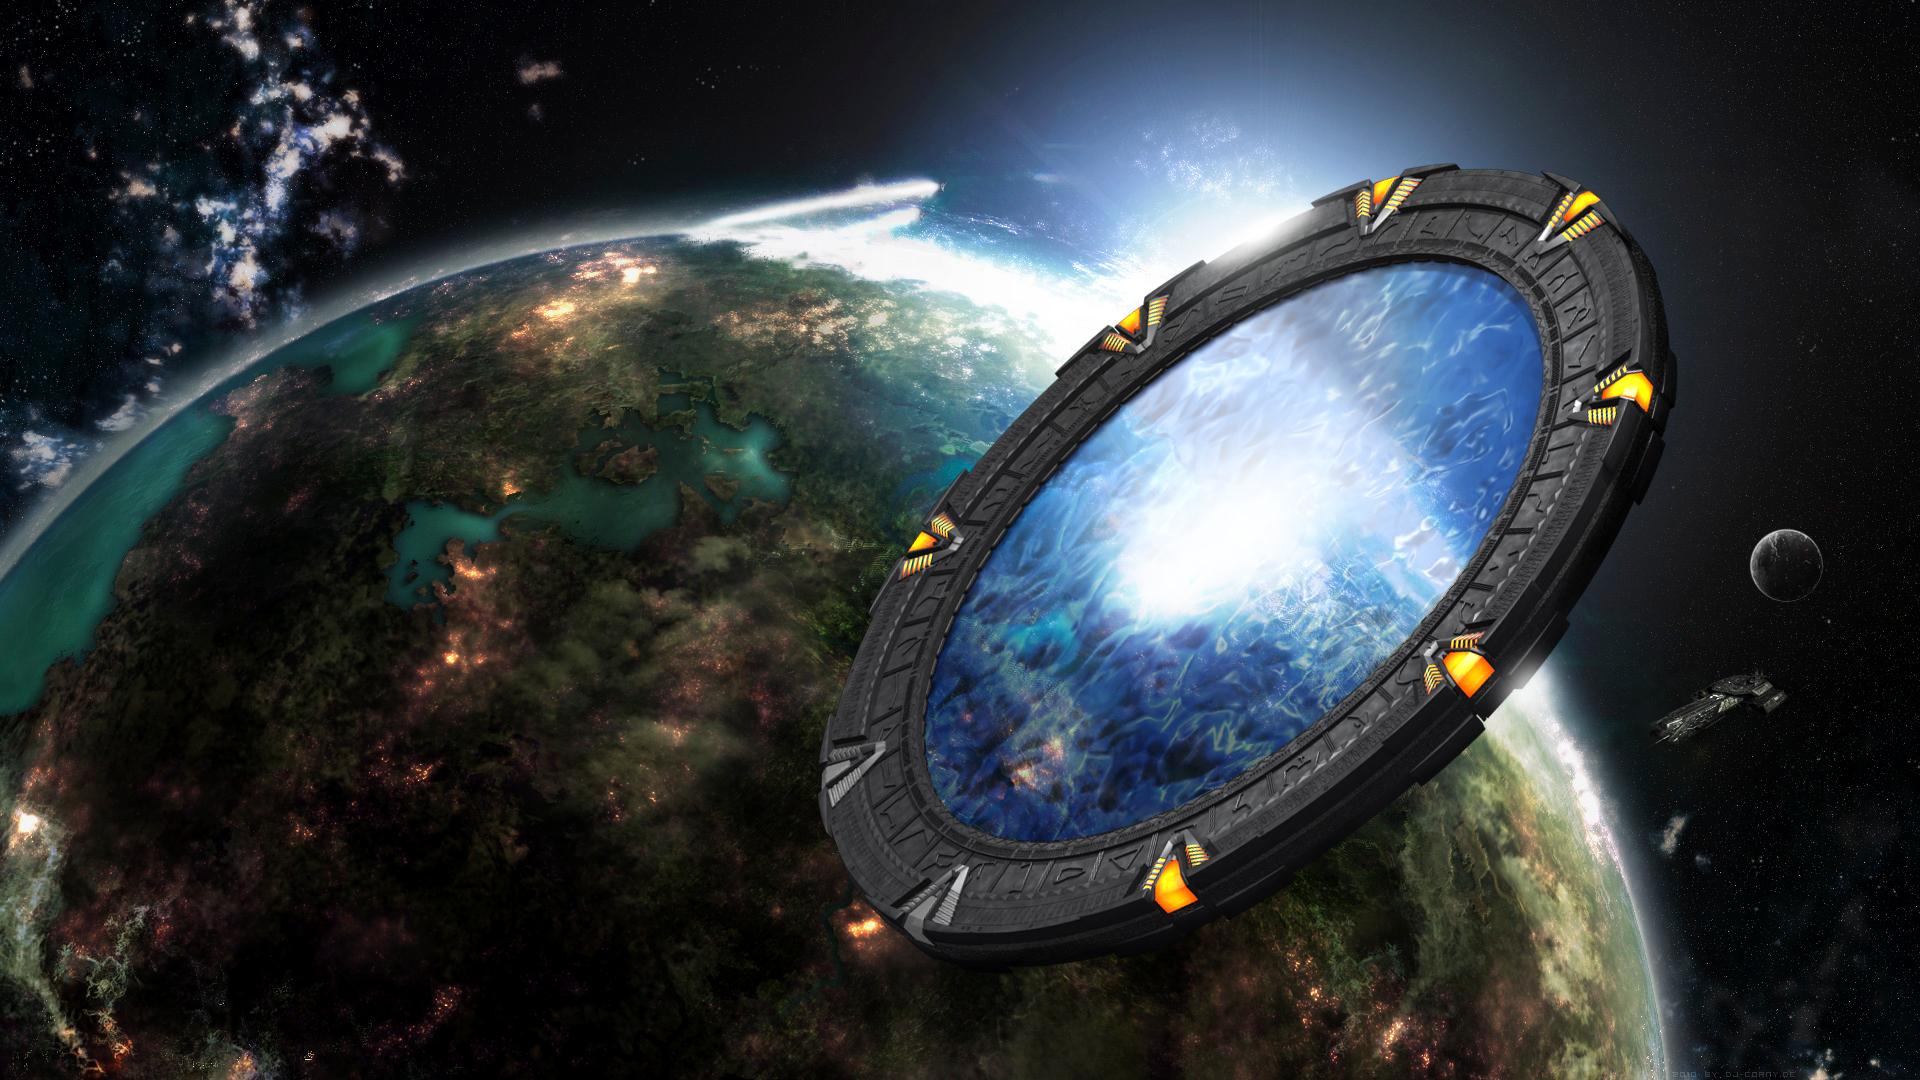 Iphone 5 Hd Space Wallpaper Dj Corny Deviantart Com Art Stargate In Space 160938261 Q